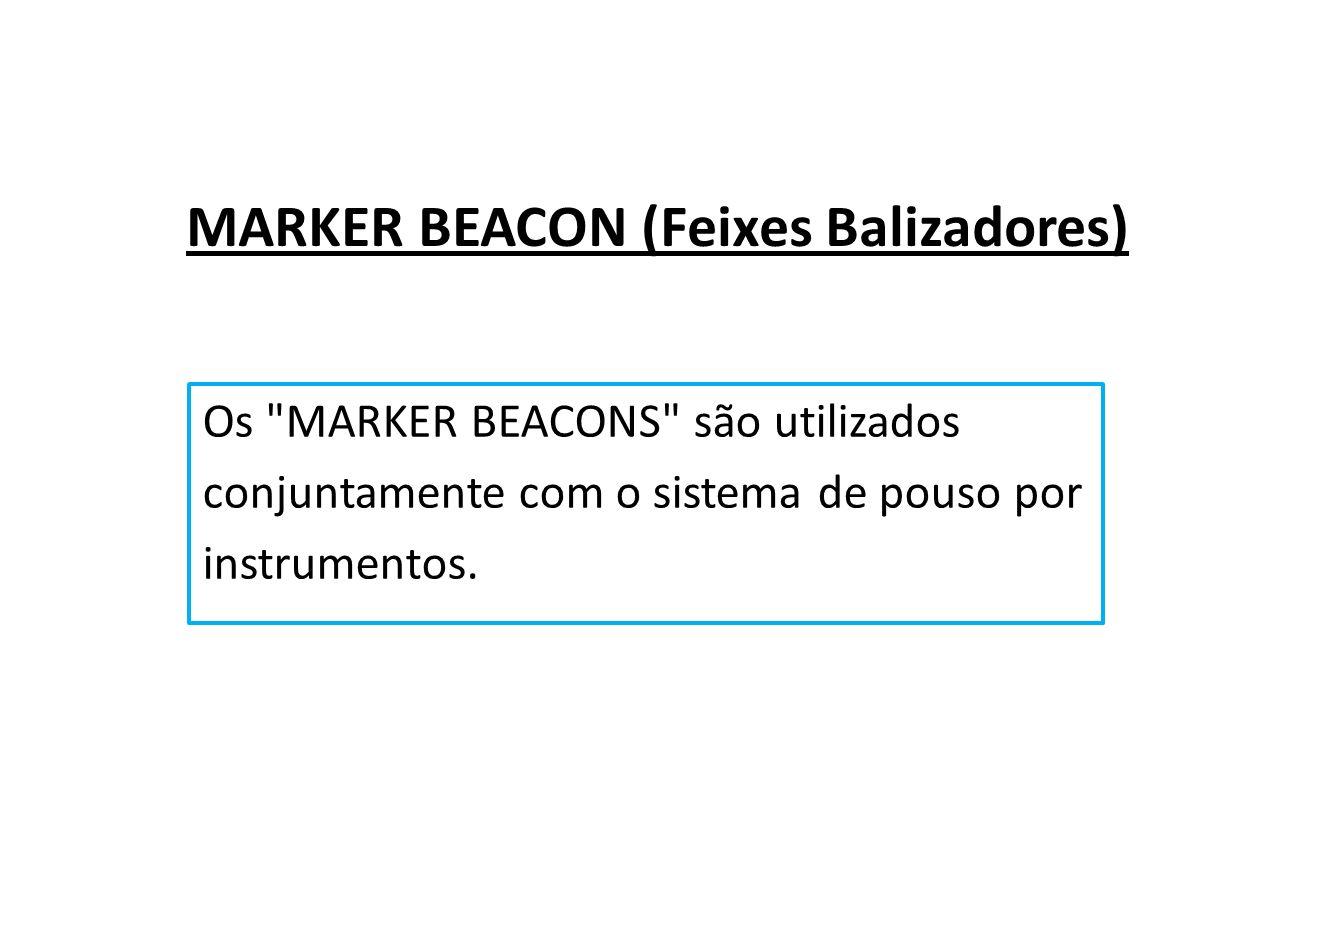 MARKER BEACON (Feixes Balizadores)